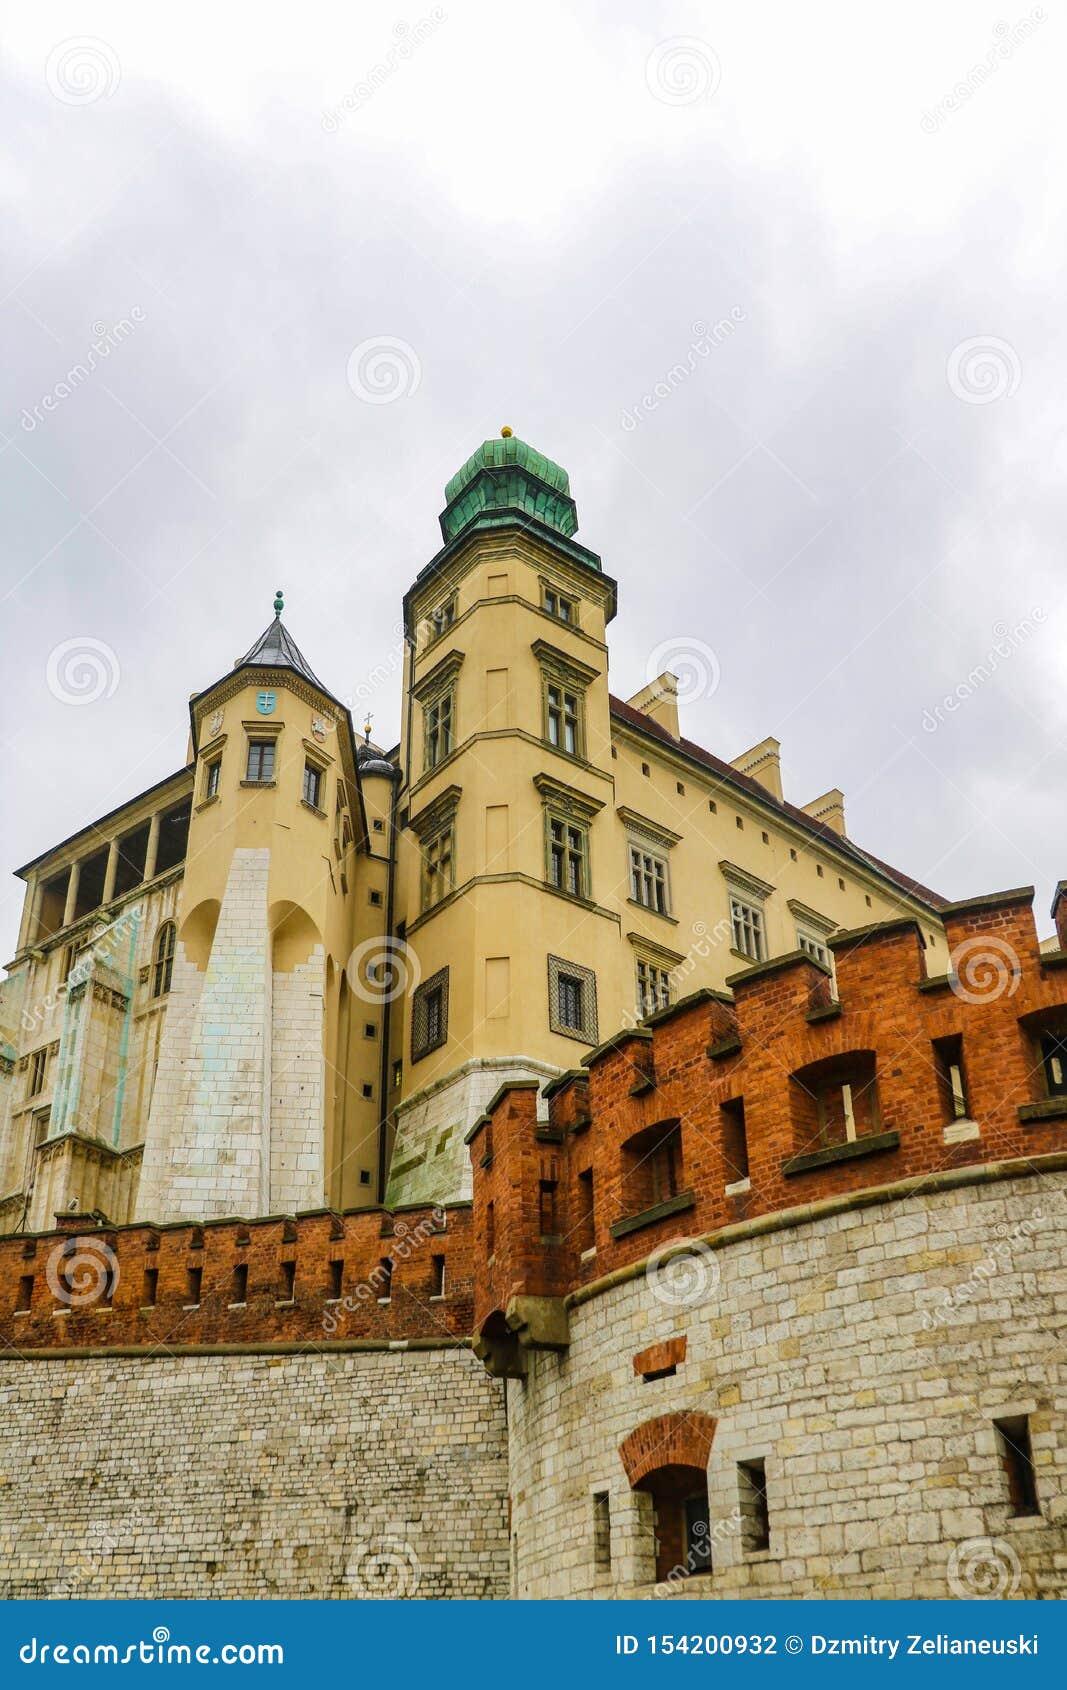 克拉科夫,波兰- 2019年5月21日:克拉科夫-波兰的历史的中心,有古老建筑学的一个城市